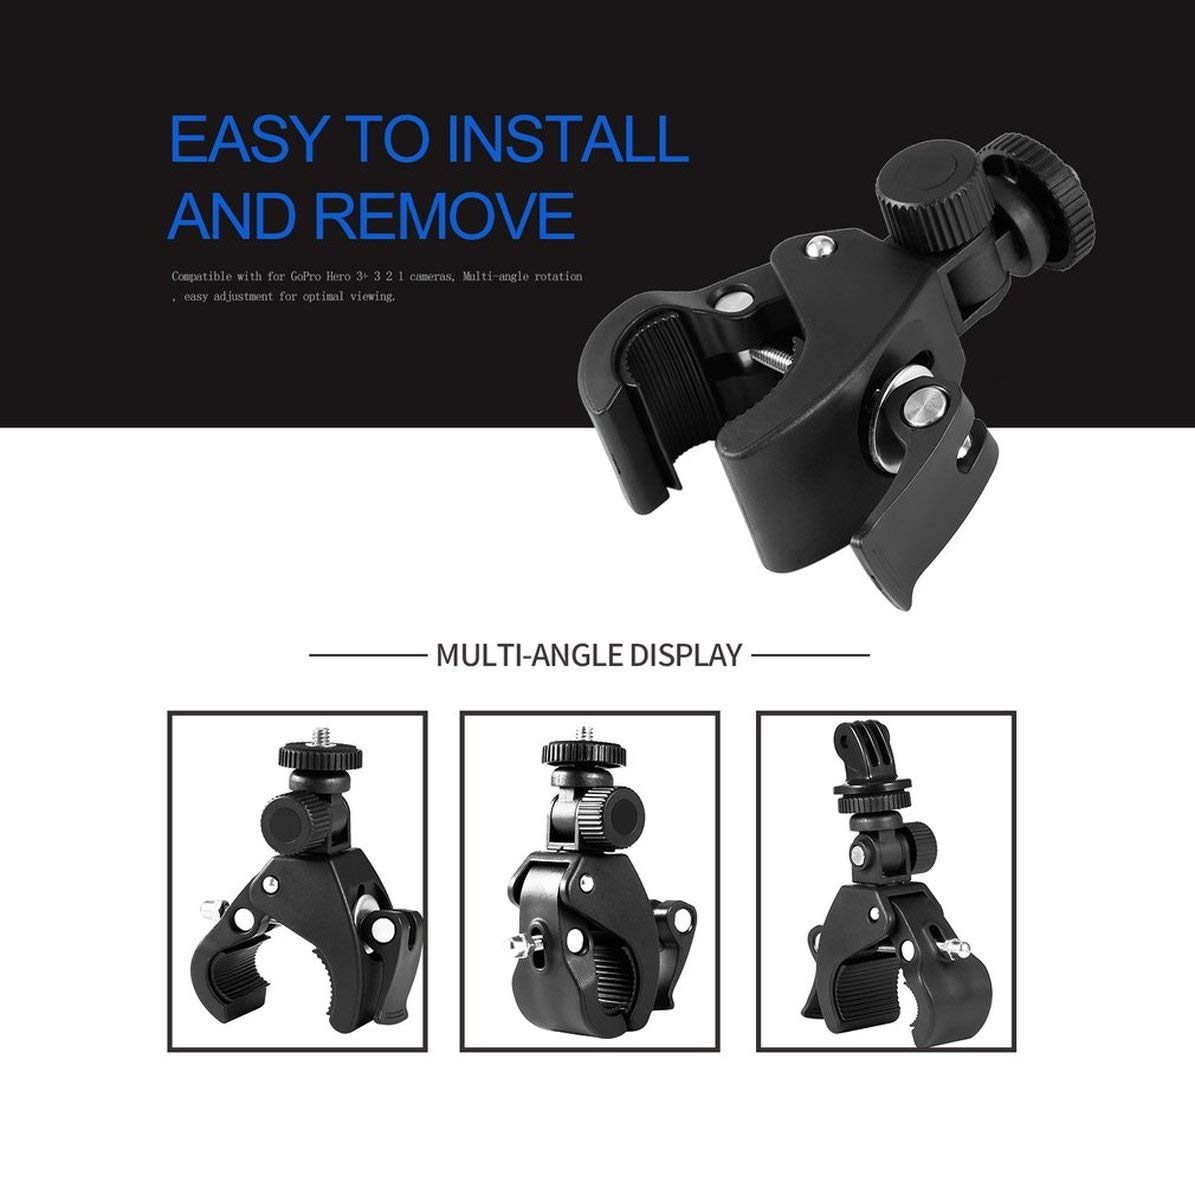 Tige de Selle de v/élo avec Guidon et Pince de Montage sur Cage de roulement avec Adaptateur pour cam/éra GoPro HD Hero 5 4 3 Sport /à 360 /° Noir WEIWEITOE